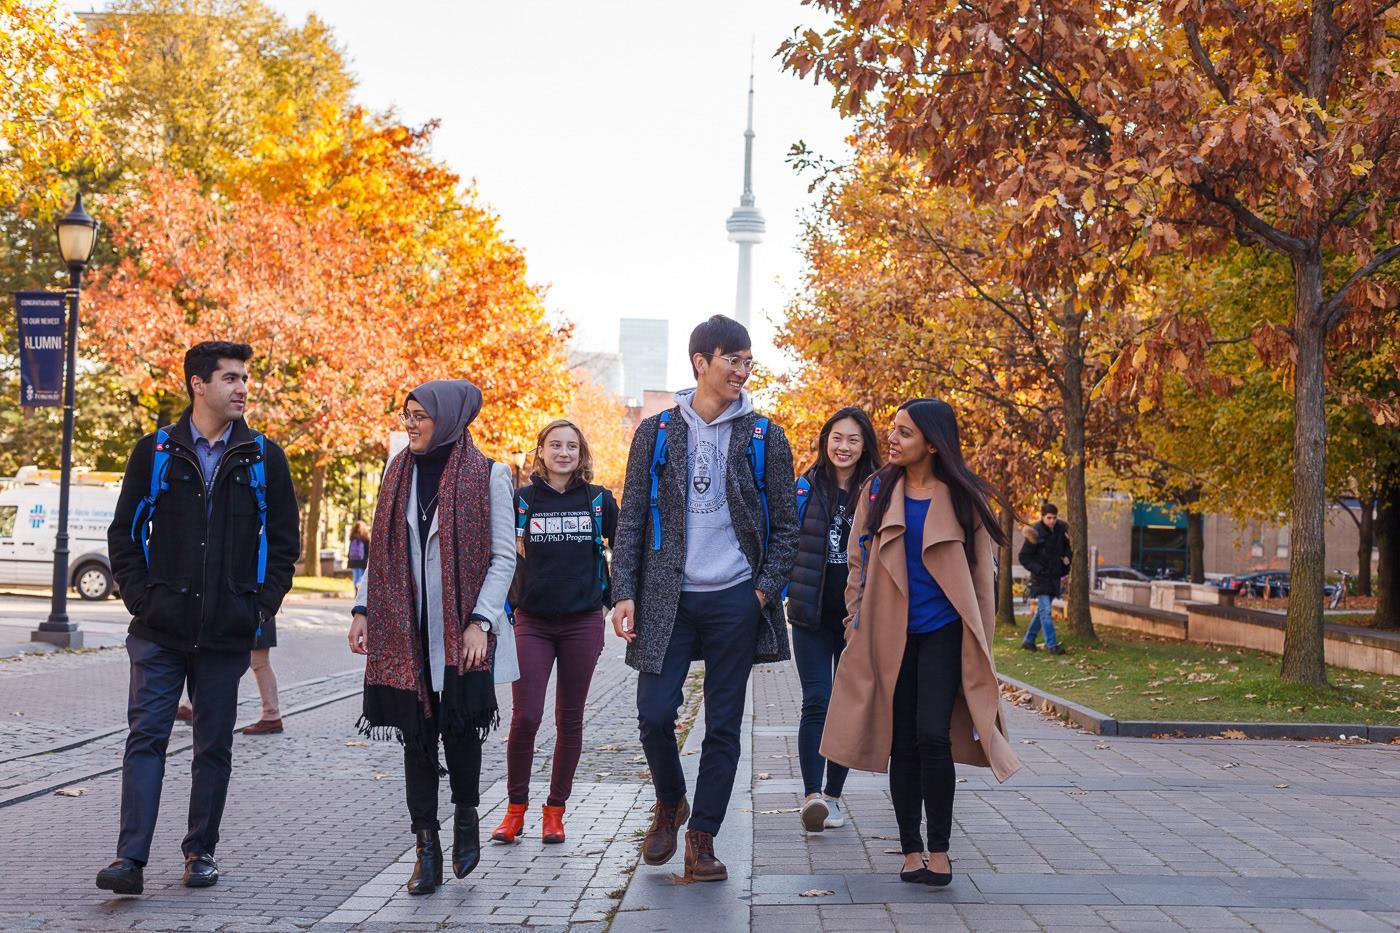 University of Toronto cung cấp các chương trình đào tạo đa dạng với điều kiện linh hoạt